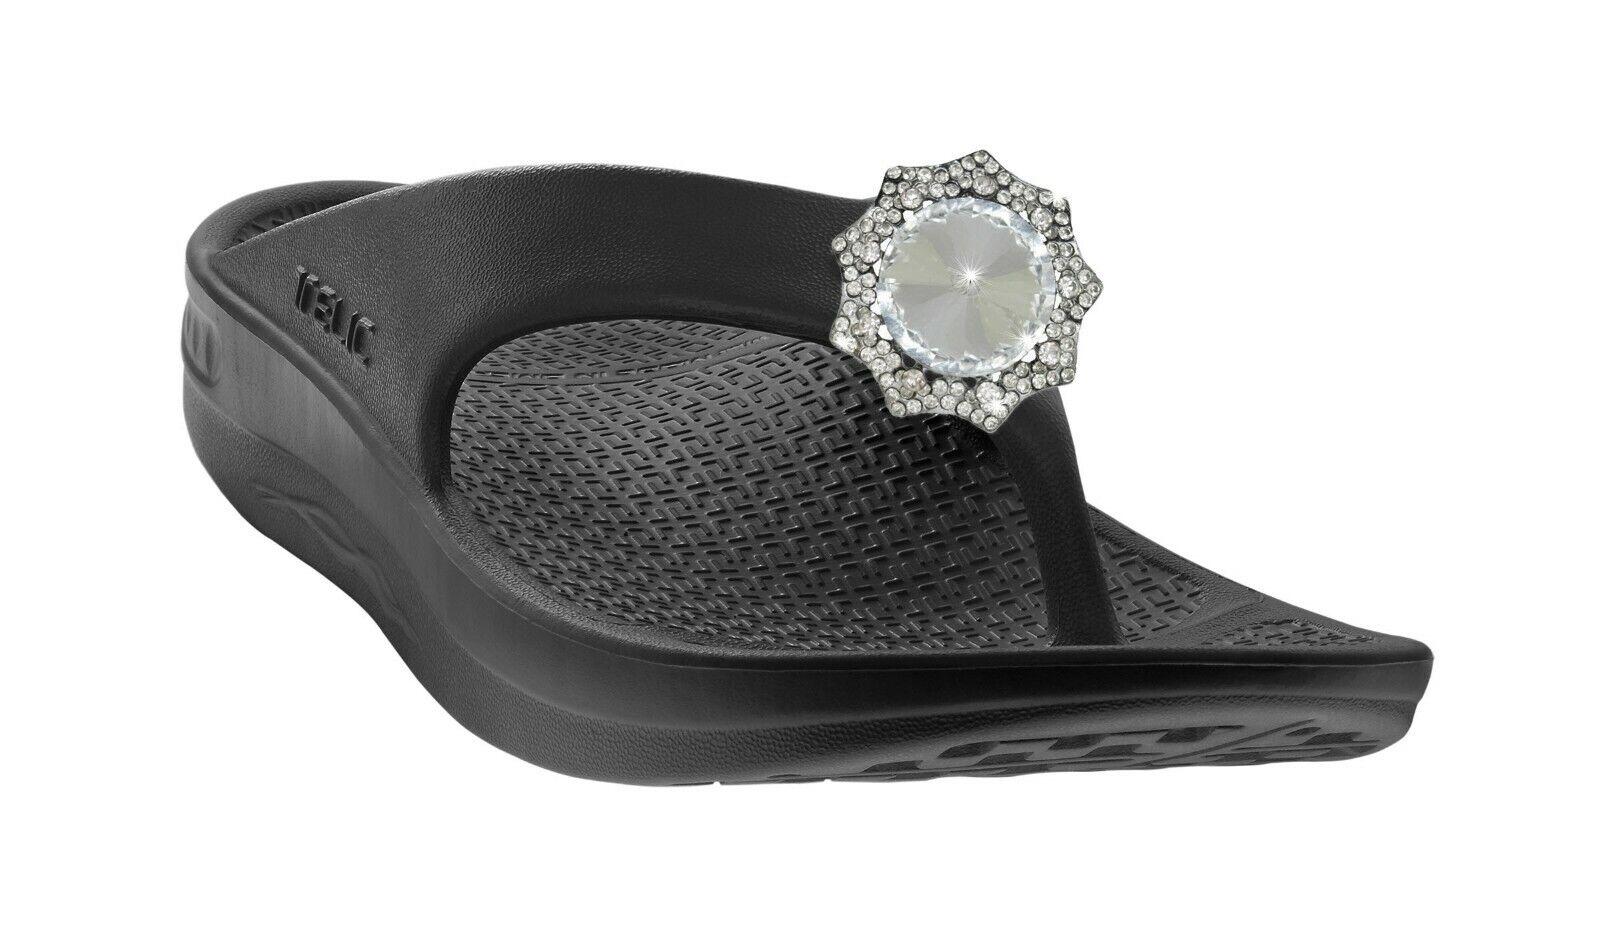 TELIC Flip Flop Sandale habillé avec Bling-porter partout, toute occasion